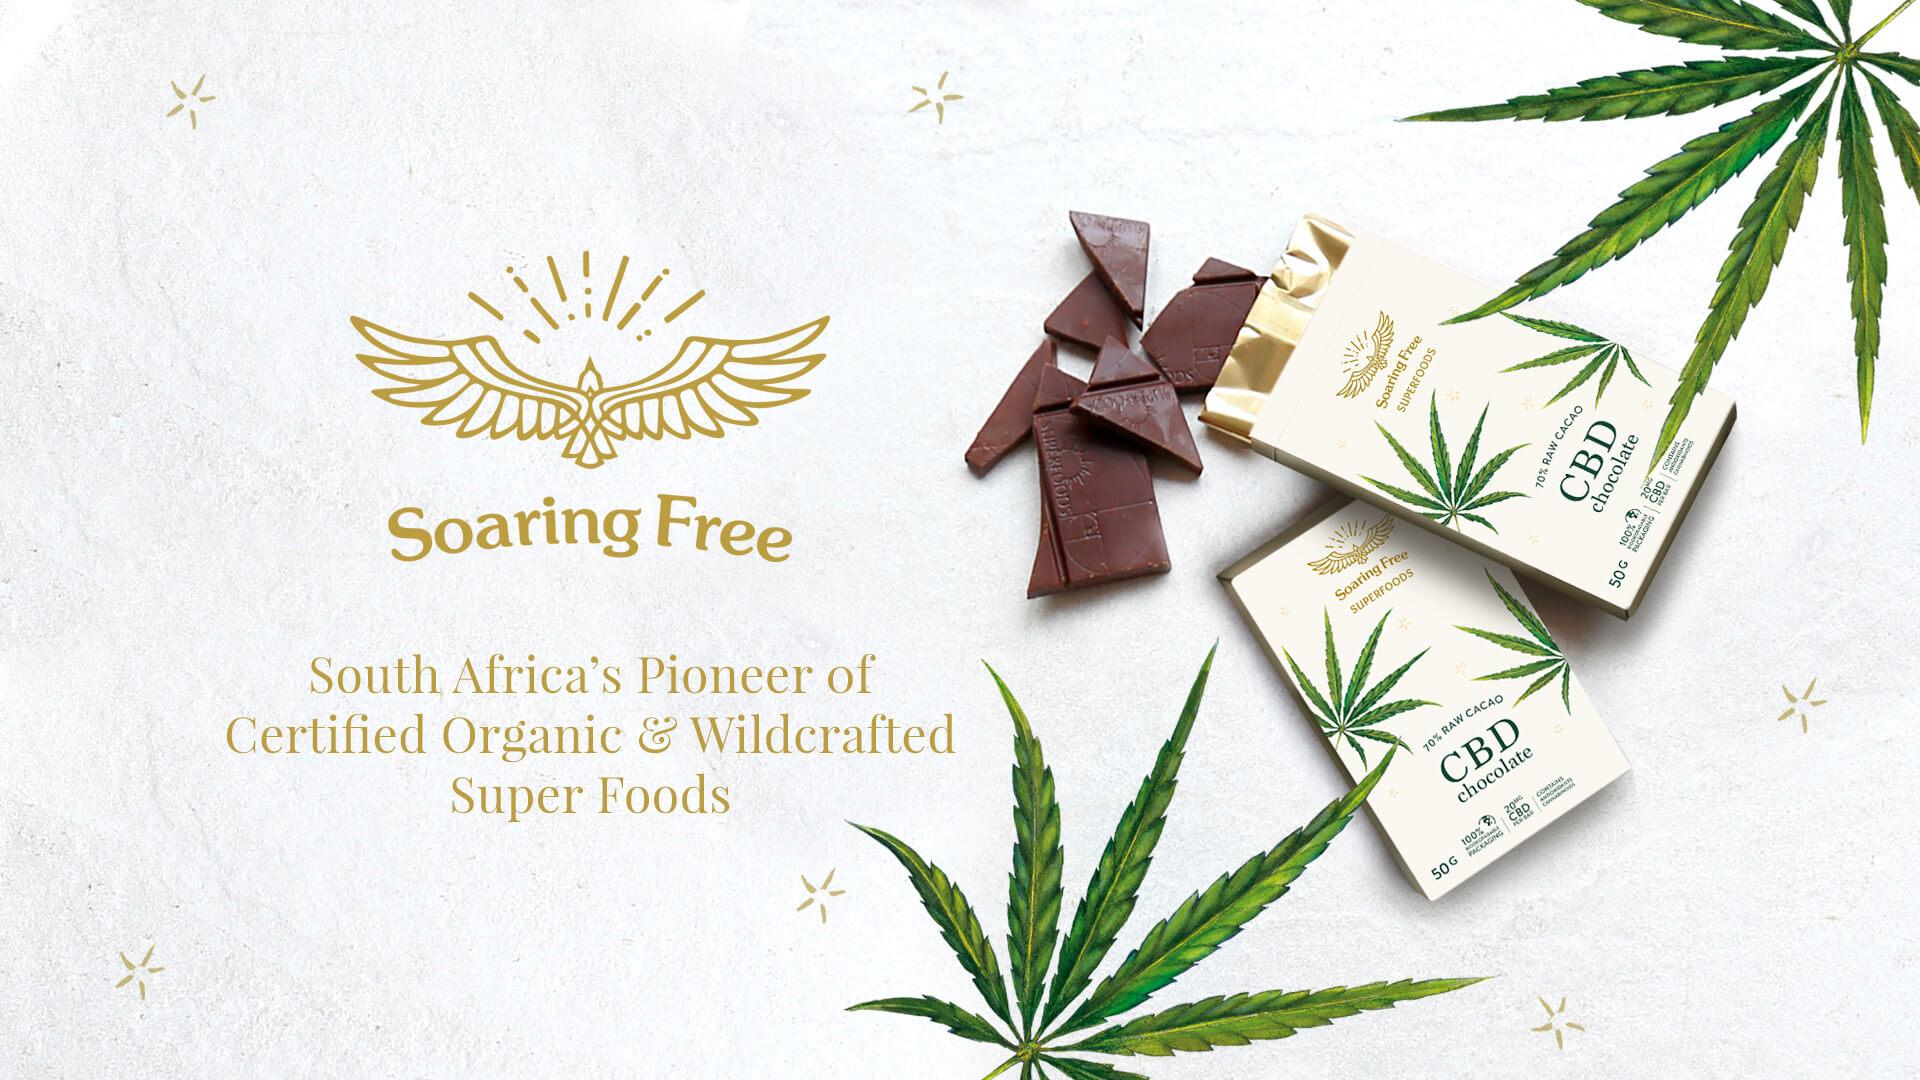 (c) Superfoods.co.za